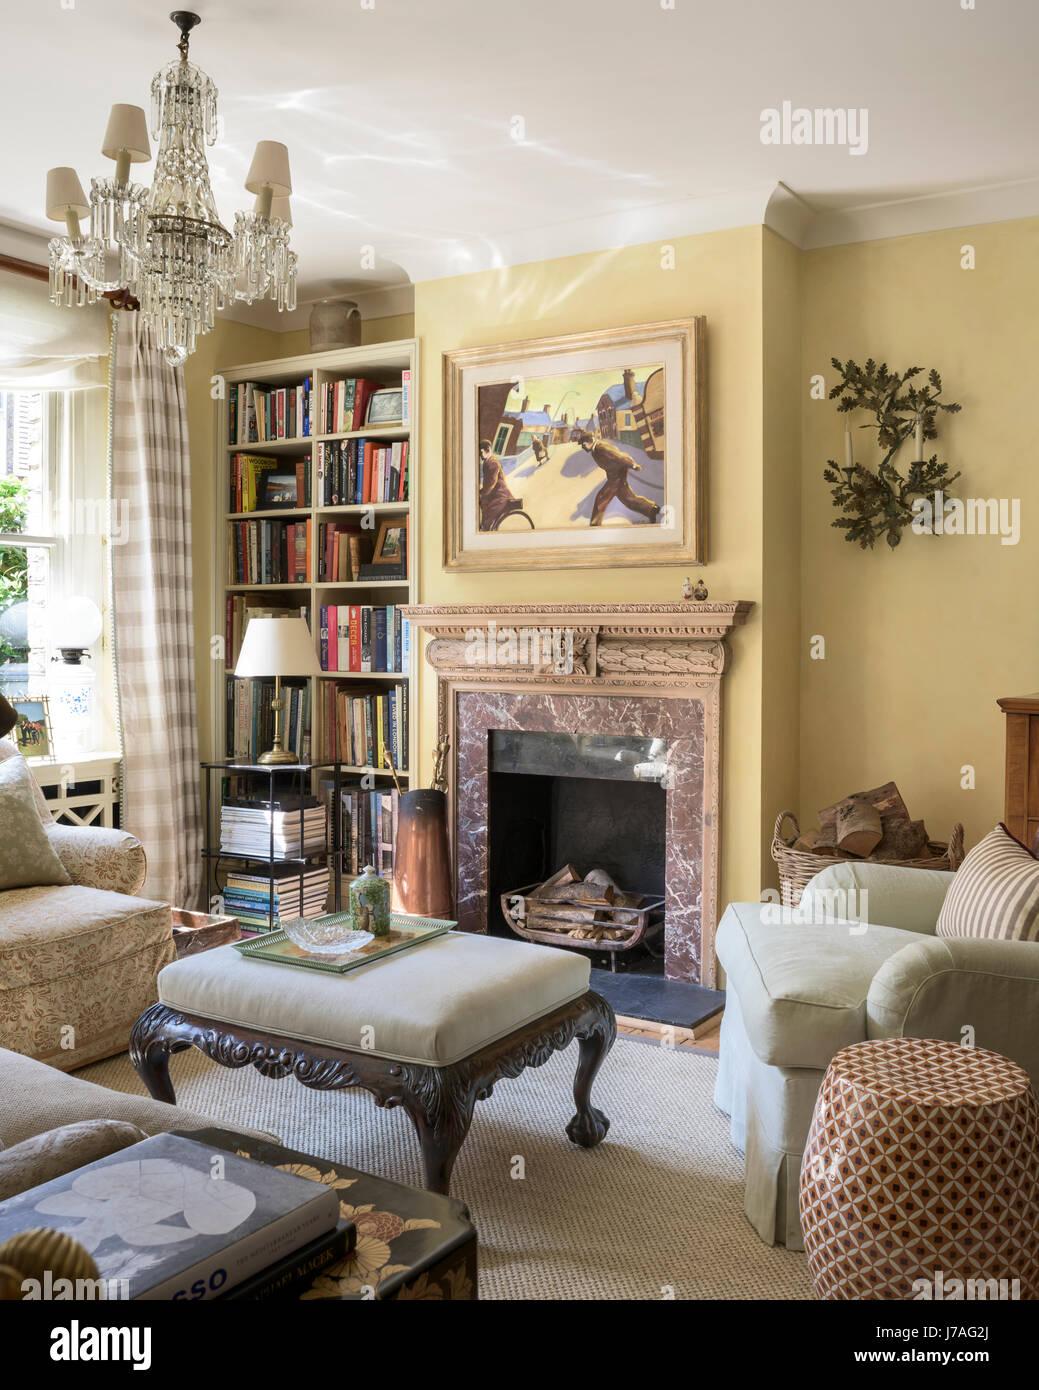 Uno stile tradizionale inglese soggiorno con stile Howard poltrona ...